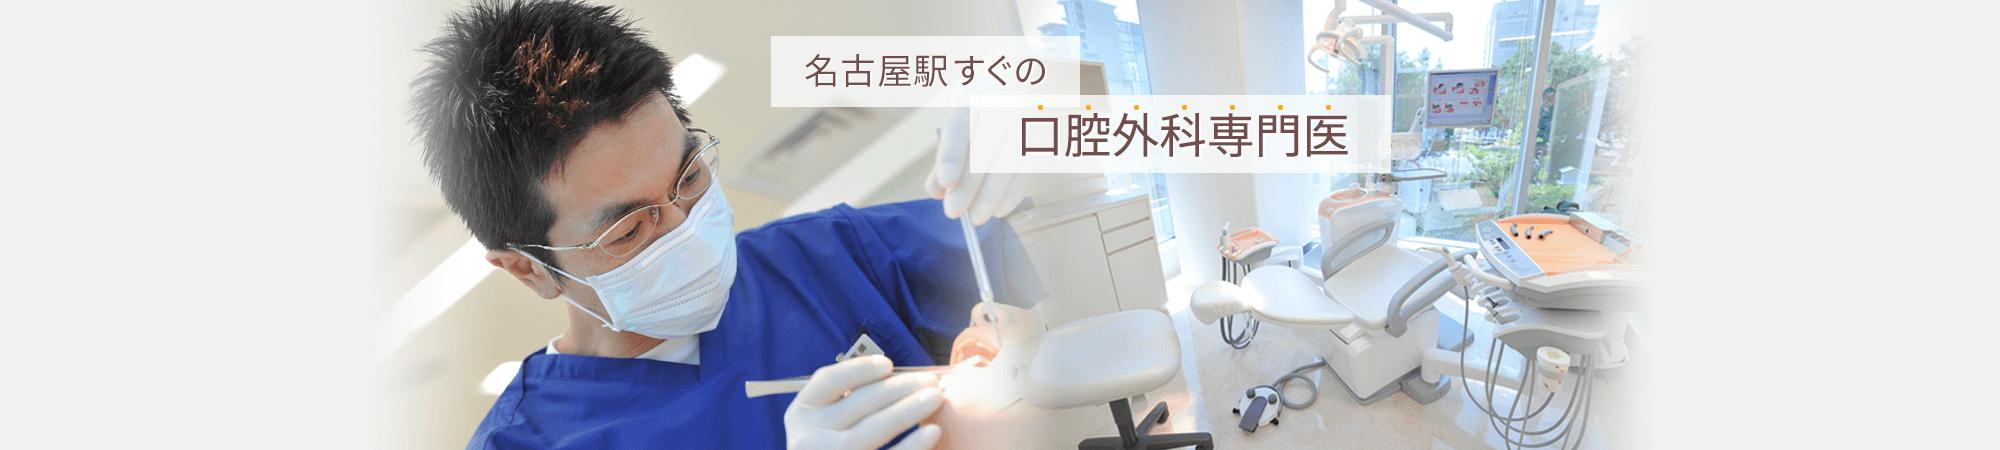 名駅エリアで数少ない口腔外科専門医の開業医